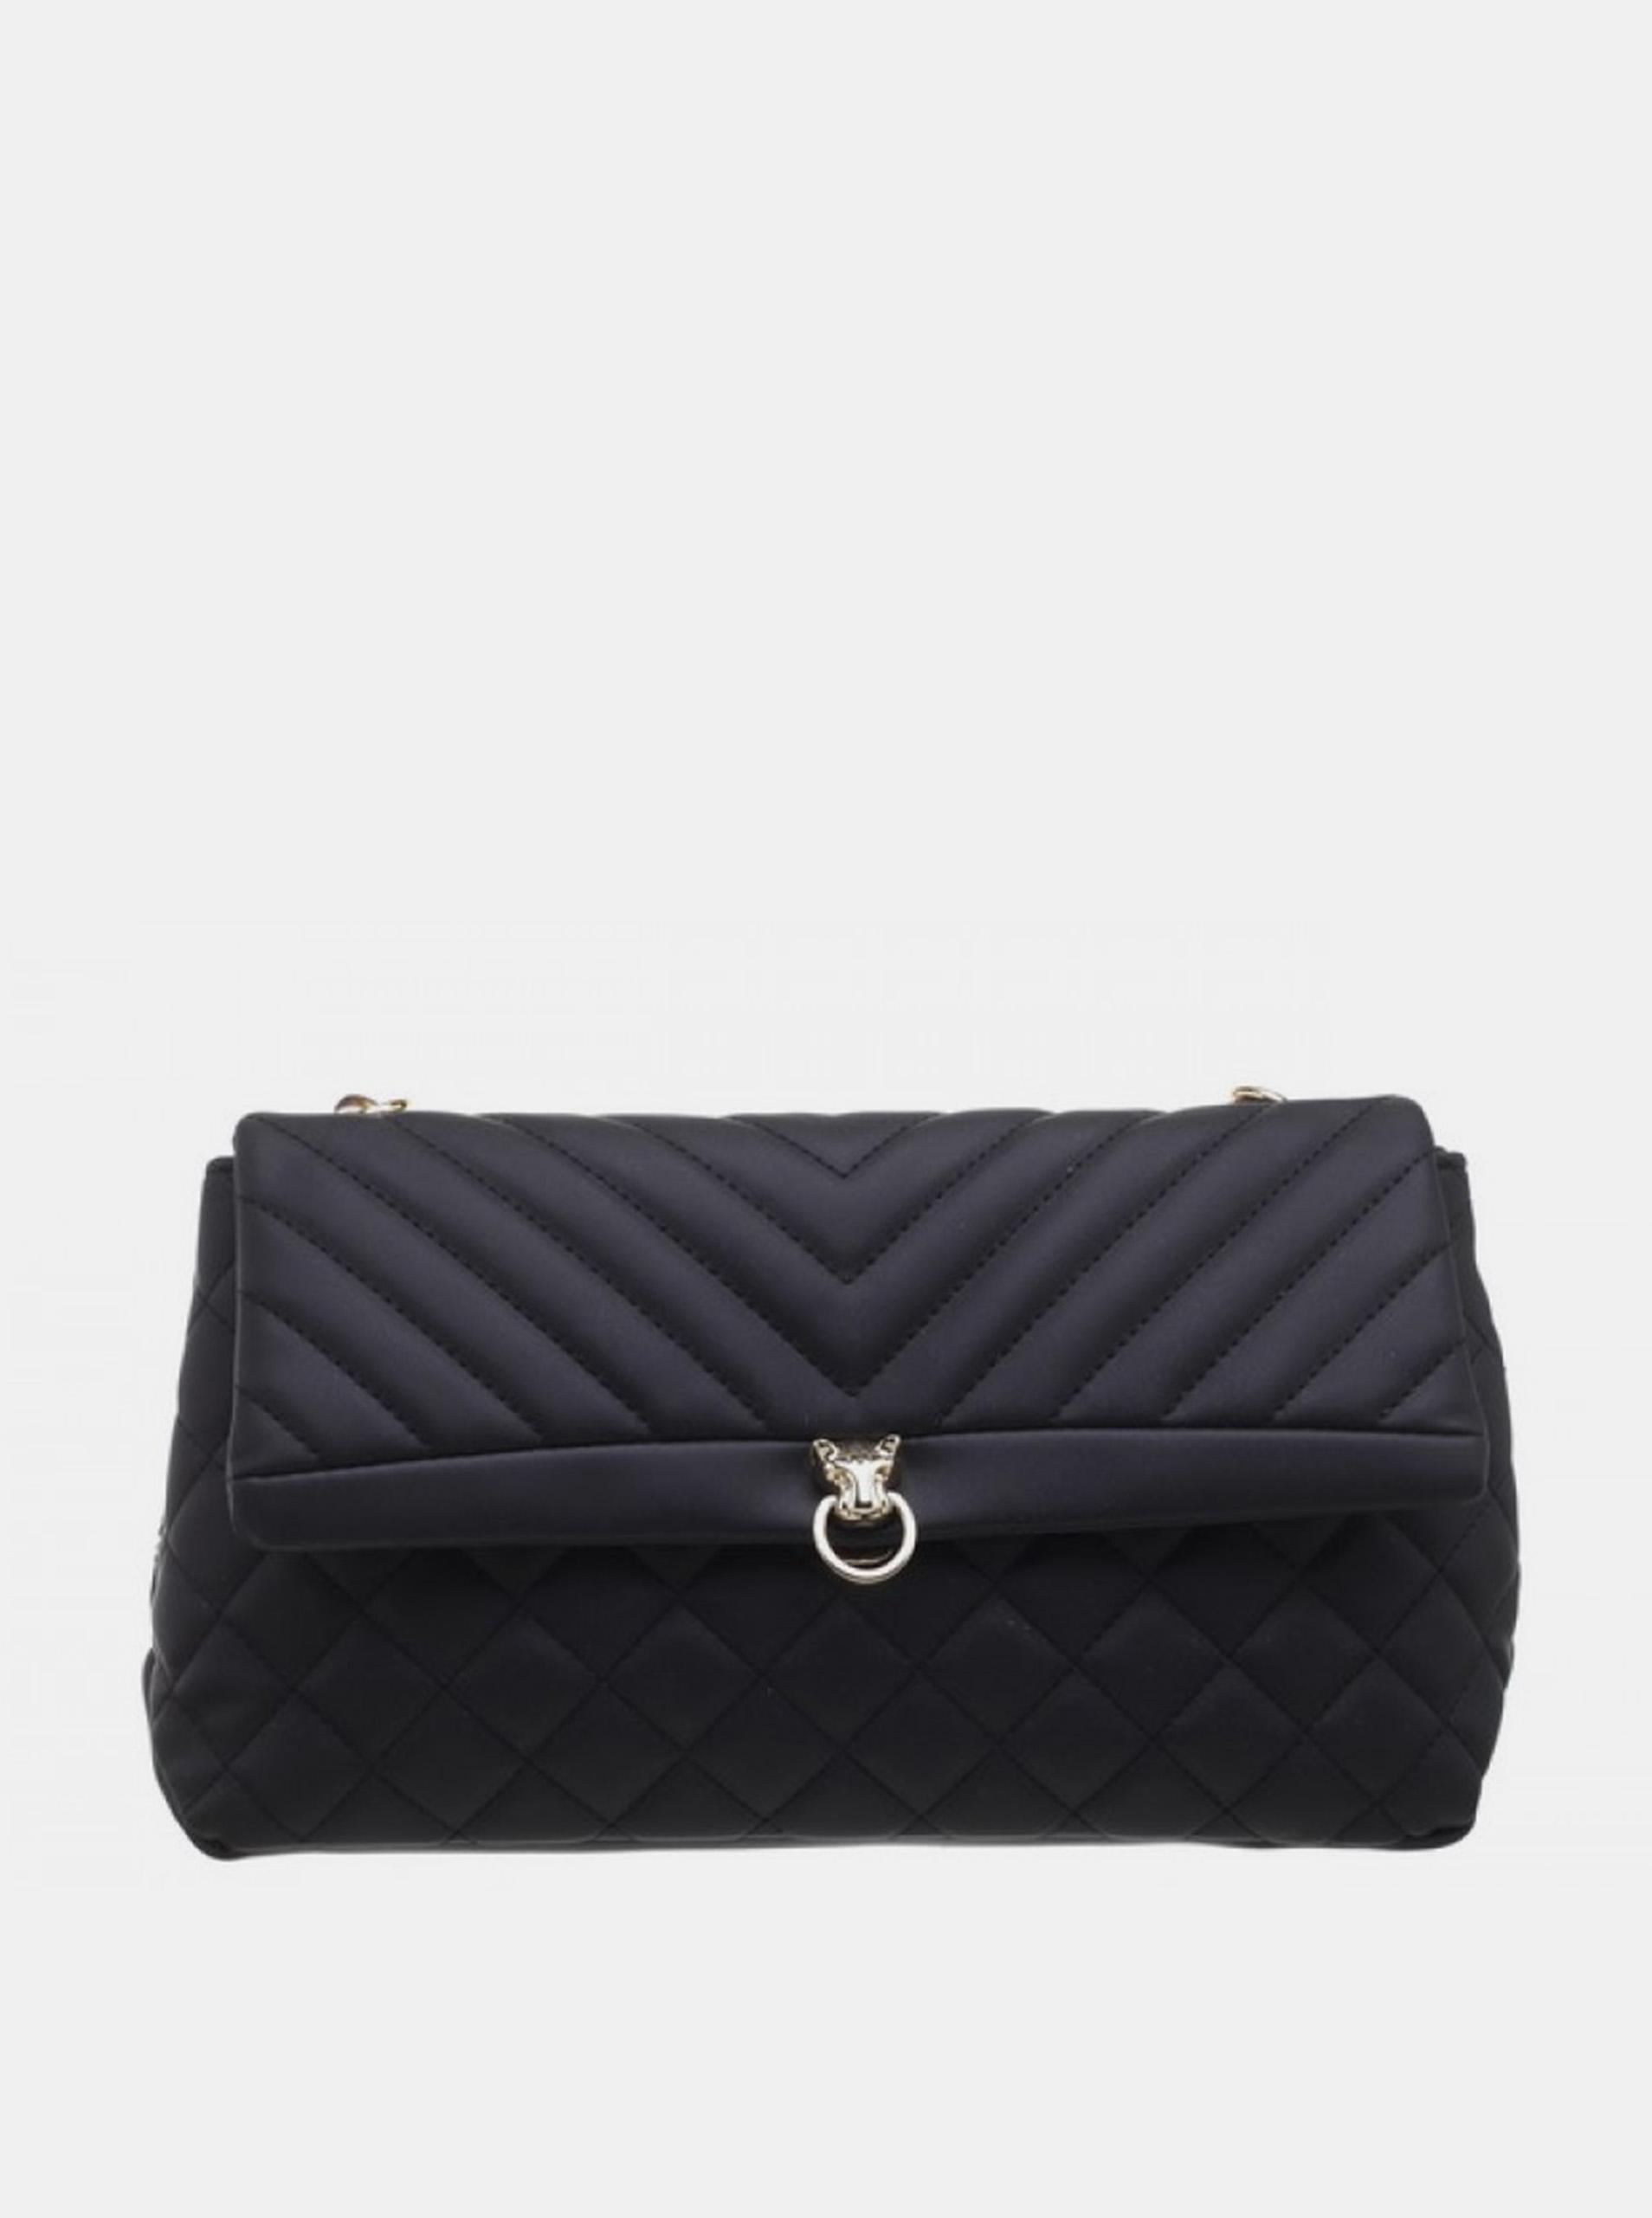 Bessie London black clutch